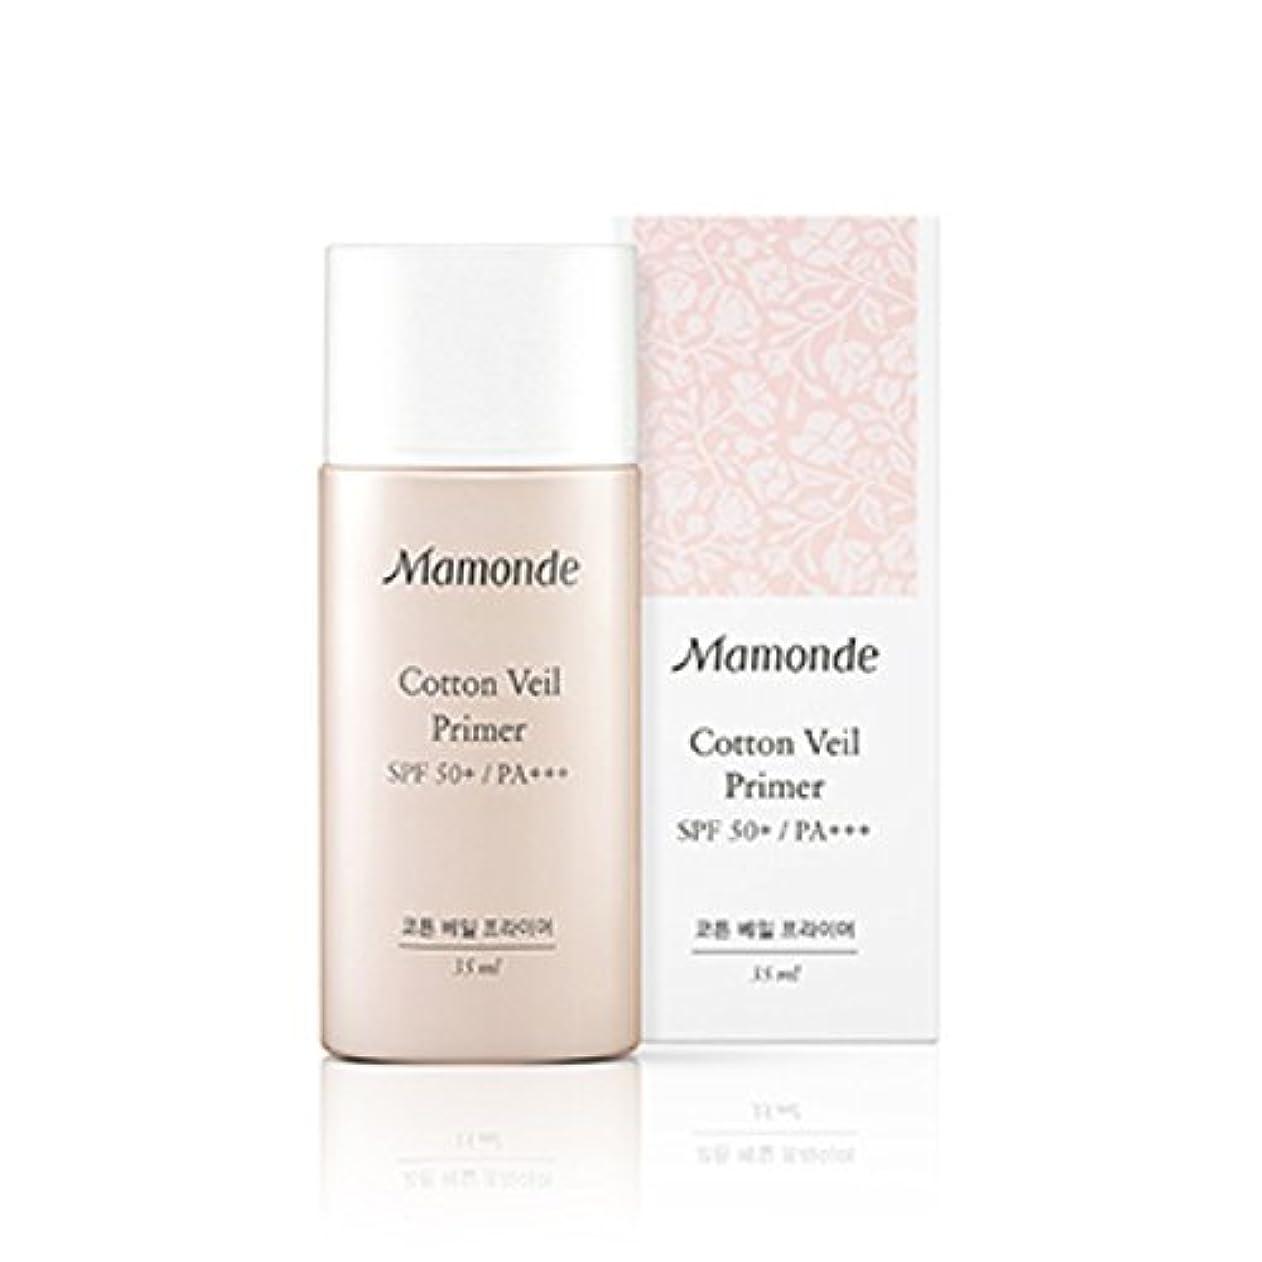 マイナス怪しい命令[New] Mamonde Cotton Veil Primer (SPF50+ PA+++) 35ml/マモンド コットン ベール プライマー (SPF50+ PA+++) 35ml (#2 Beige Rose) [...